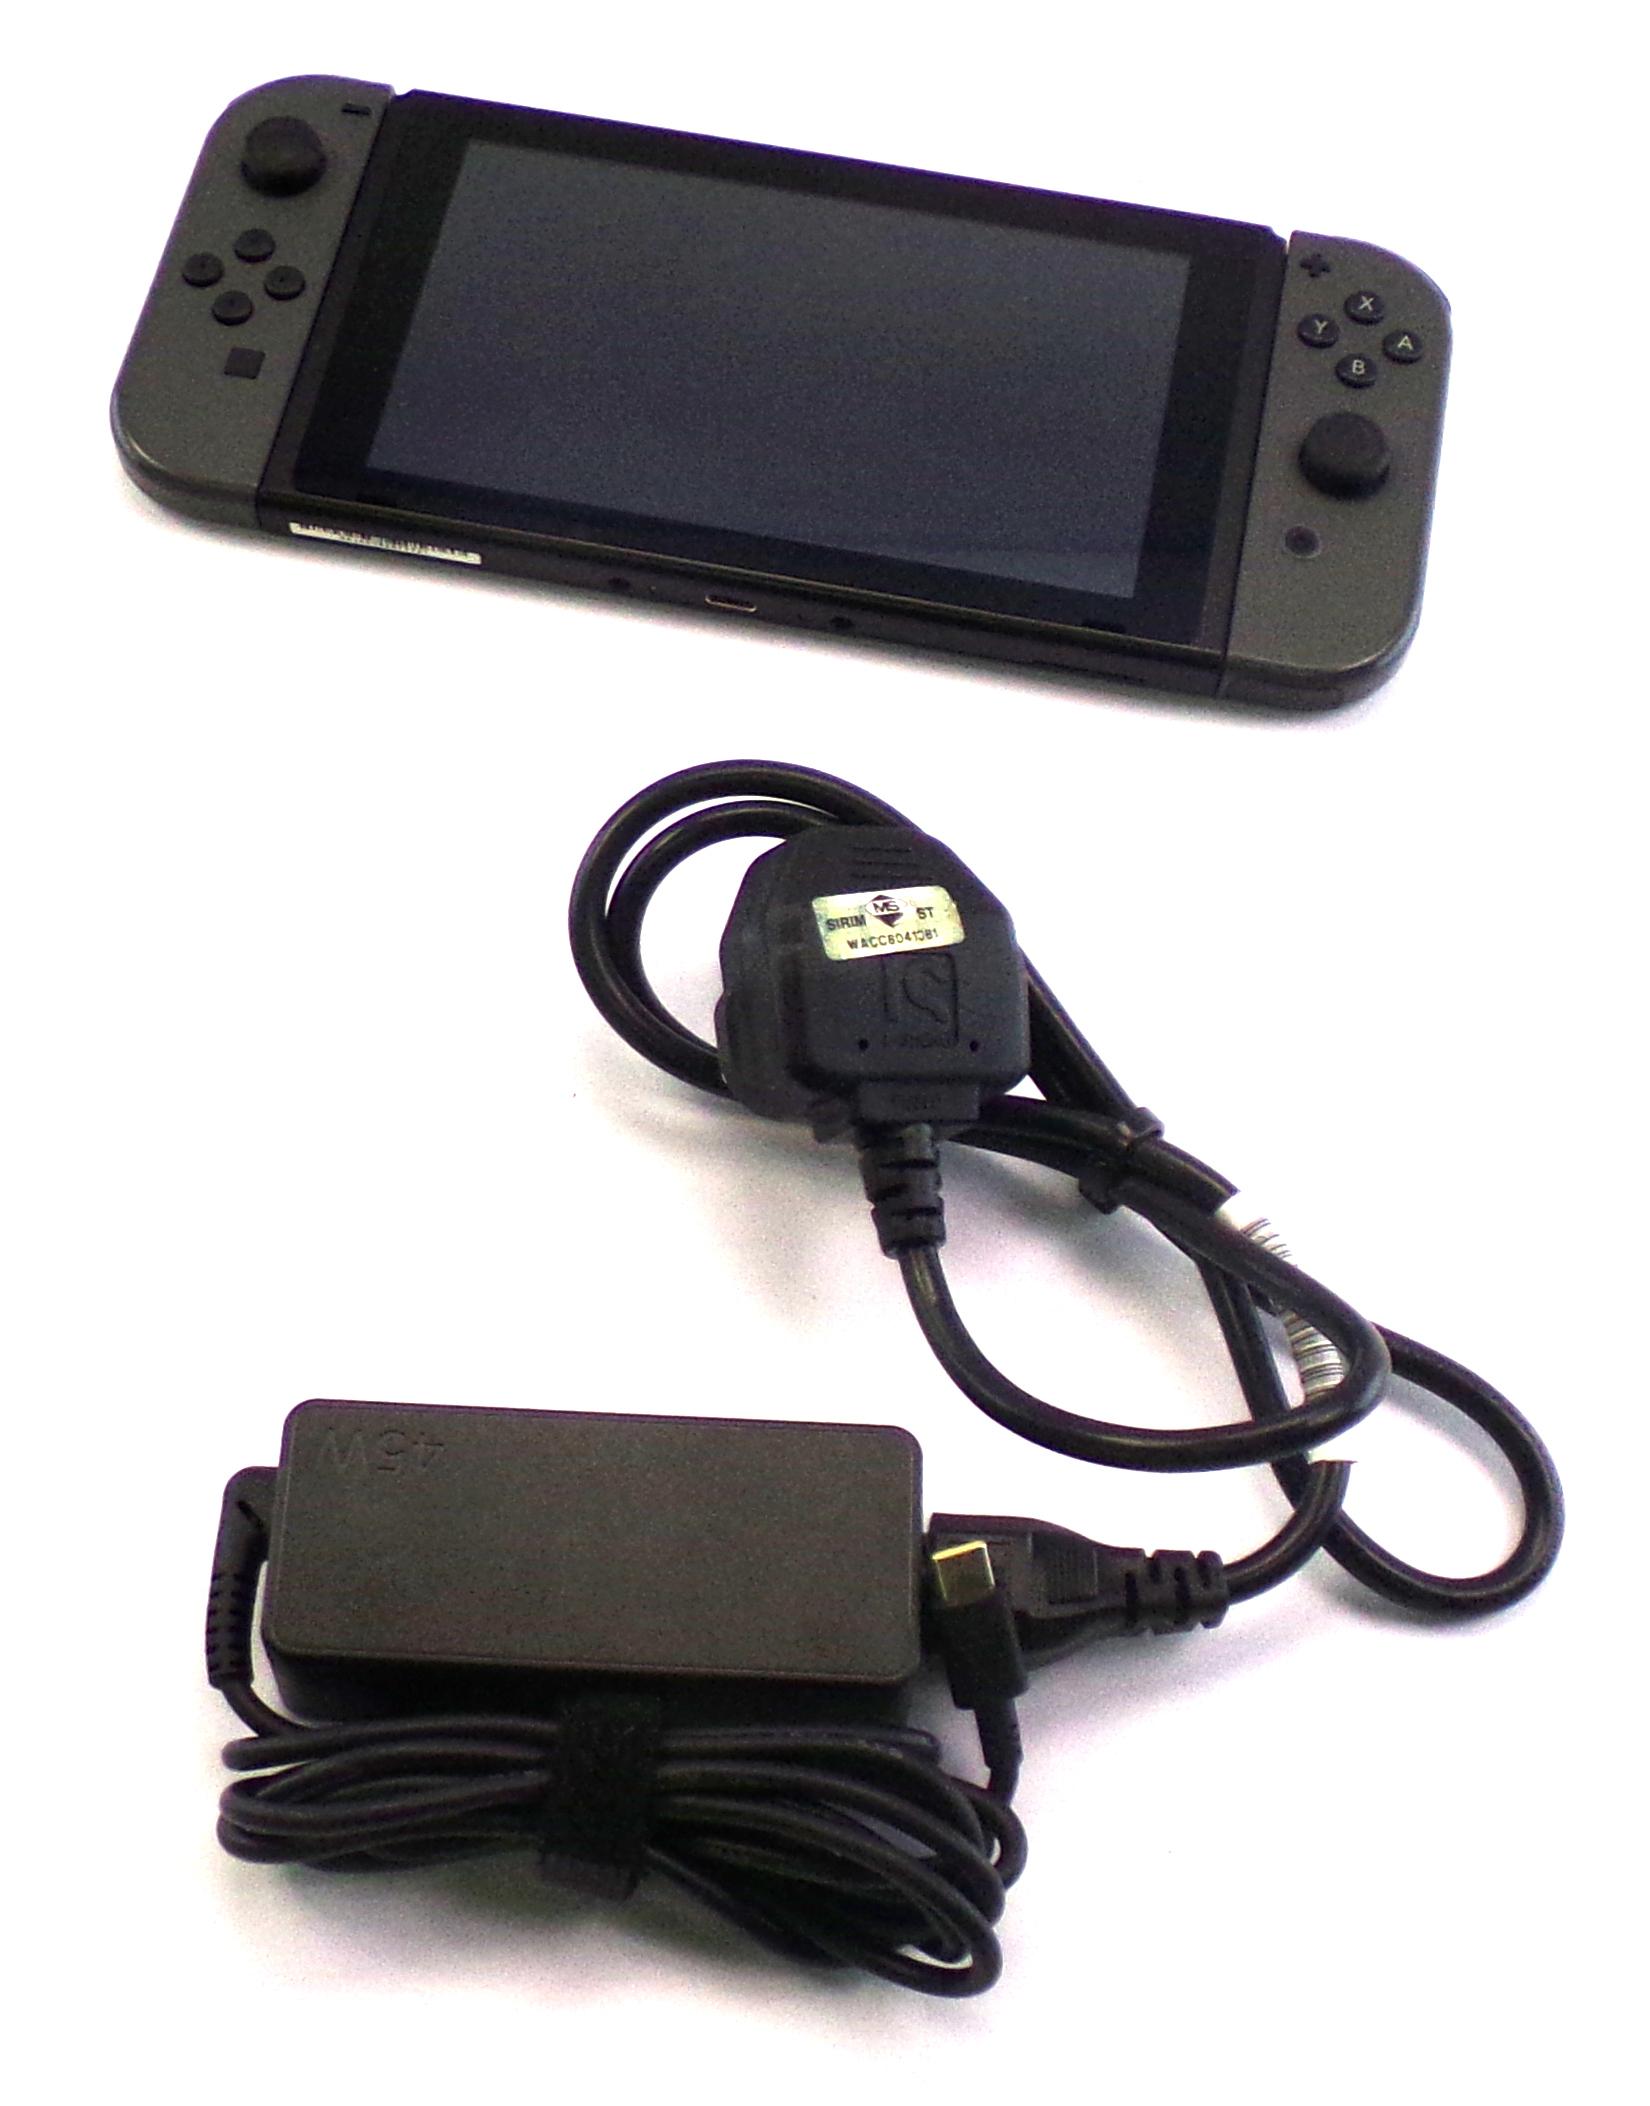 HAC-001 Nintendo Switch Console with Grey Joy Con